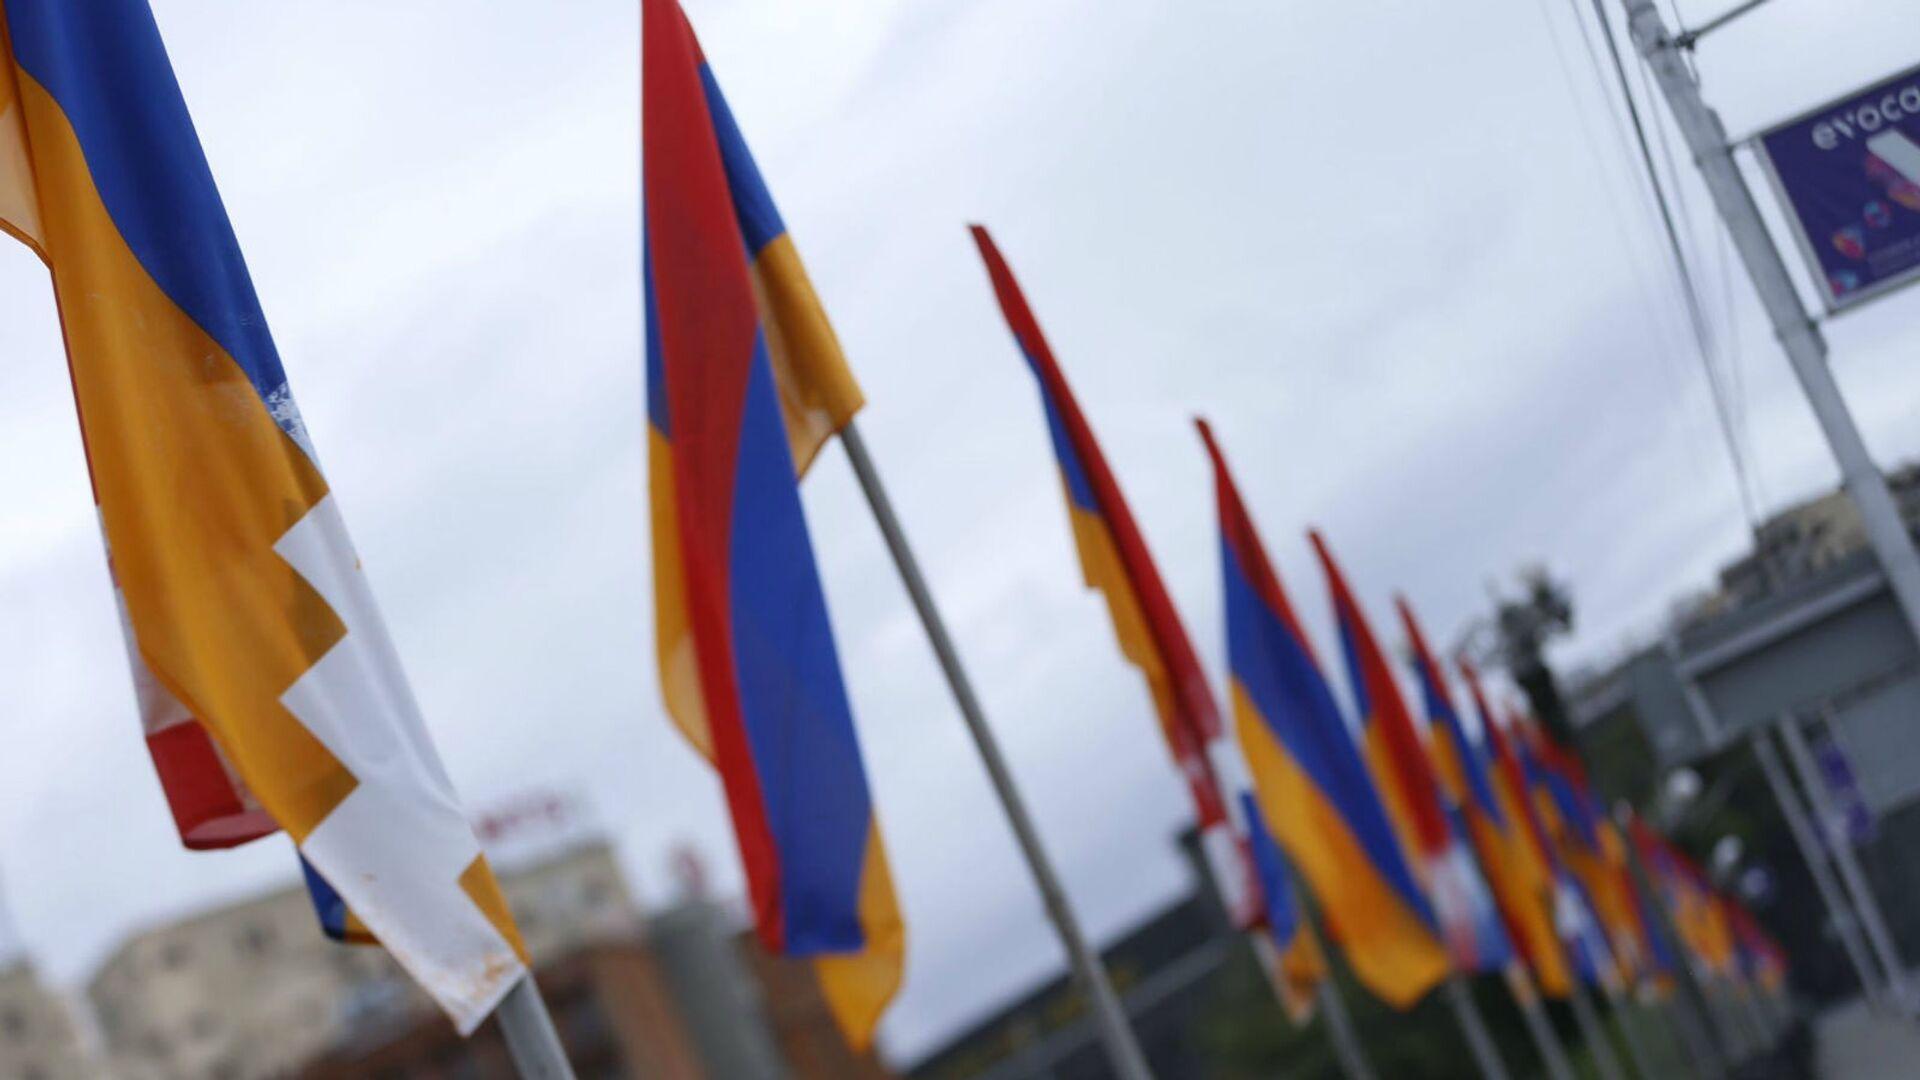 Флаги Армении и Карабаха - Sputnik Армения, 1920, 24.09.2021